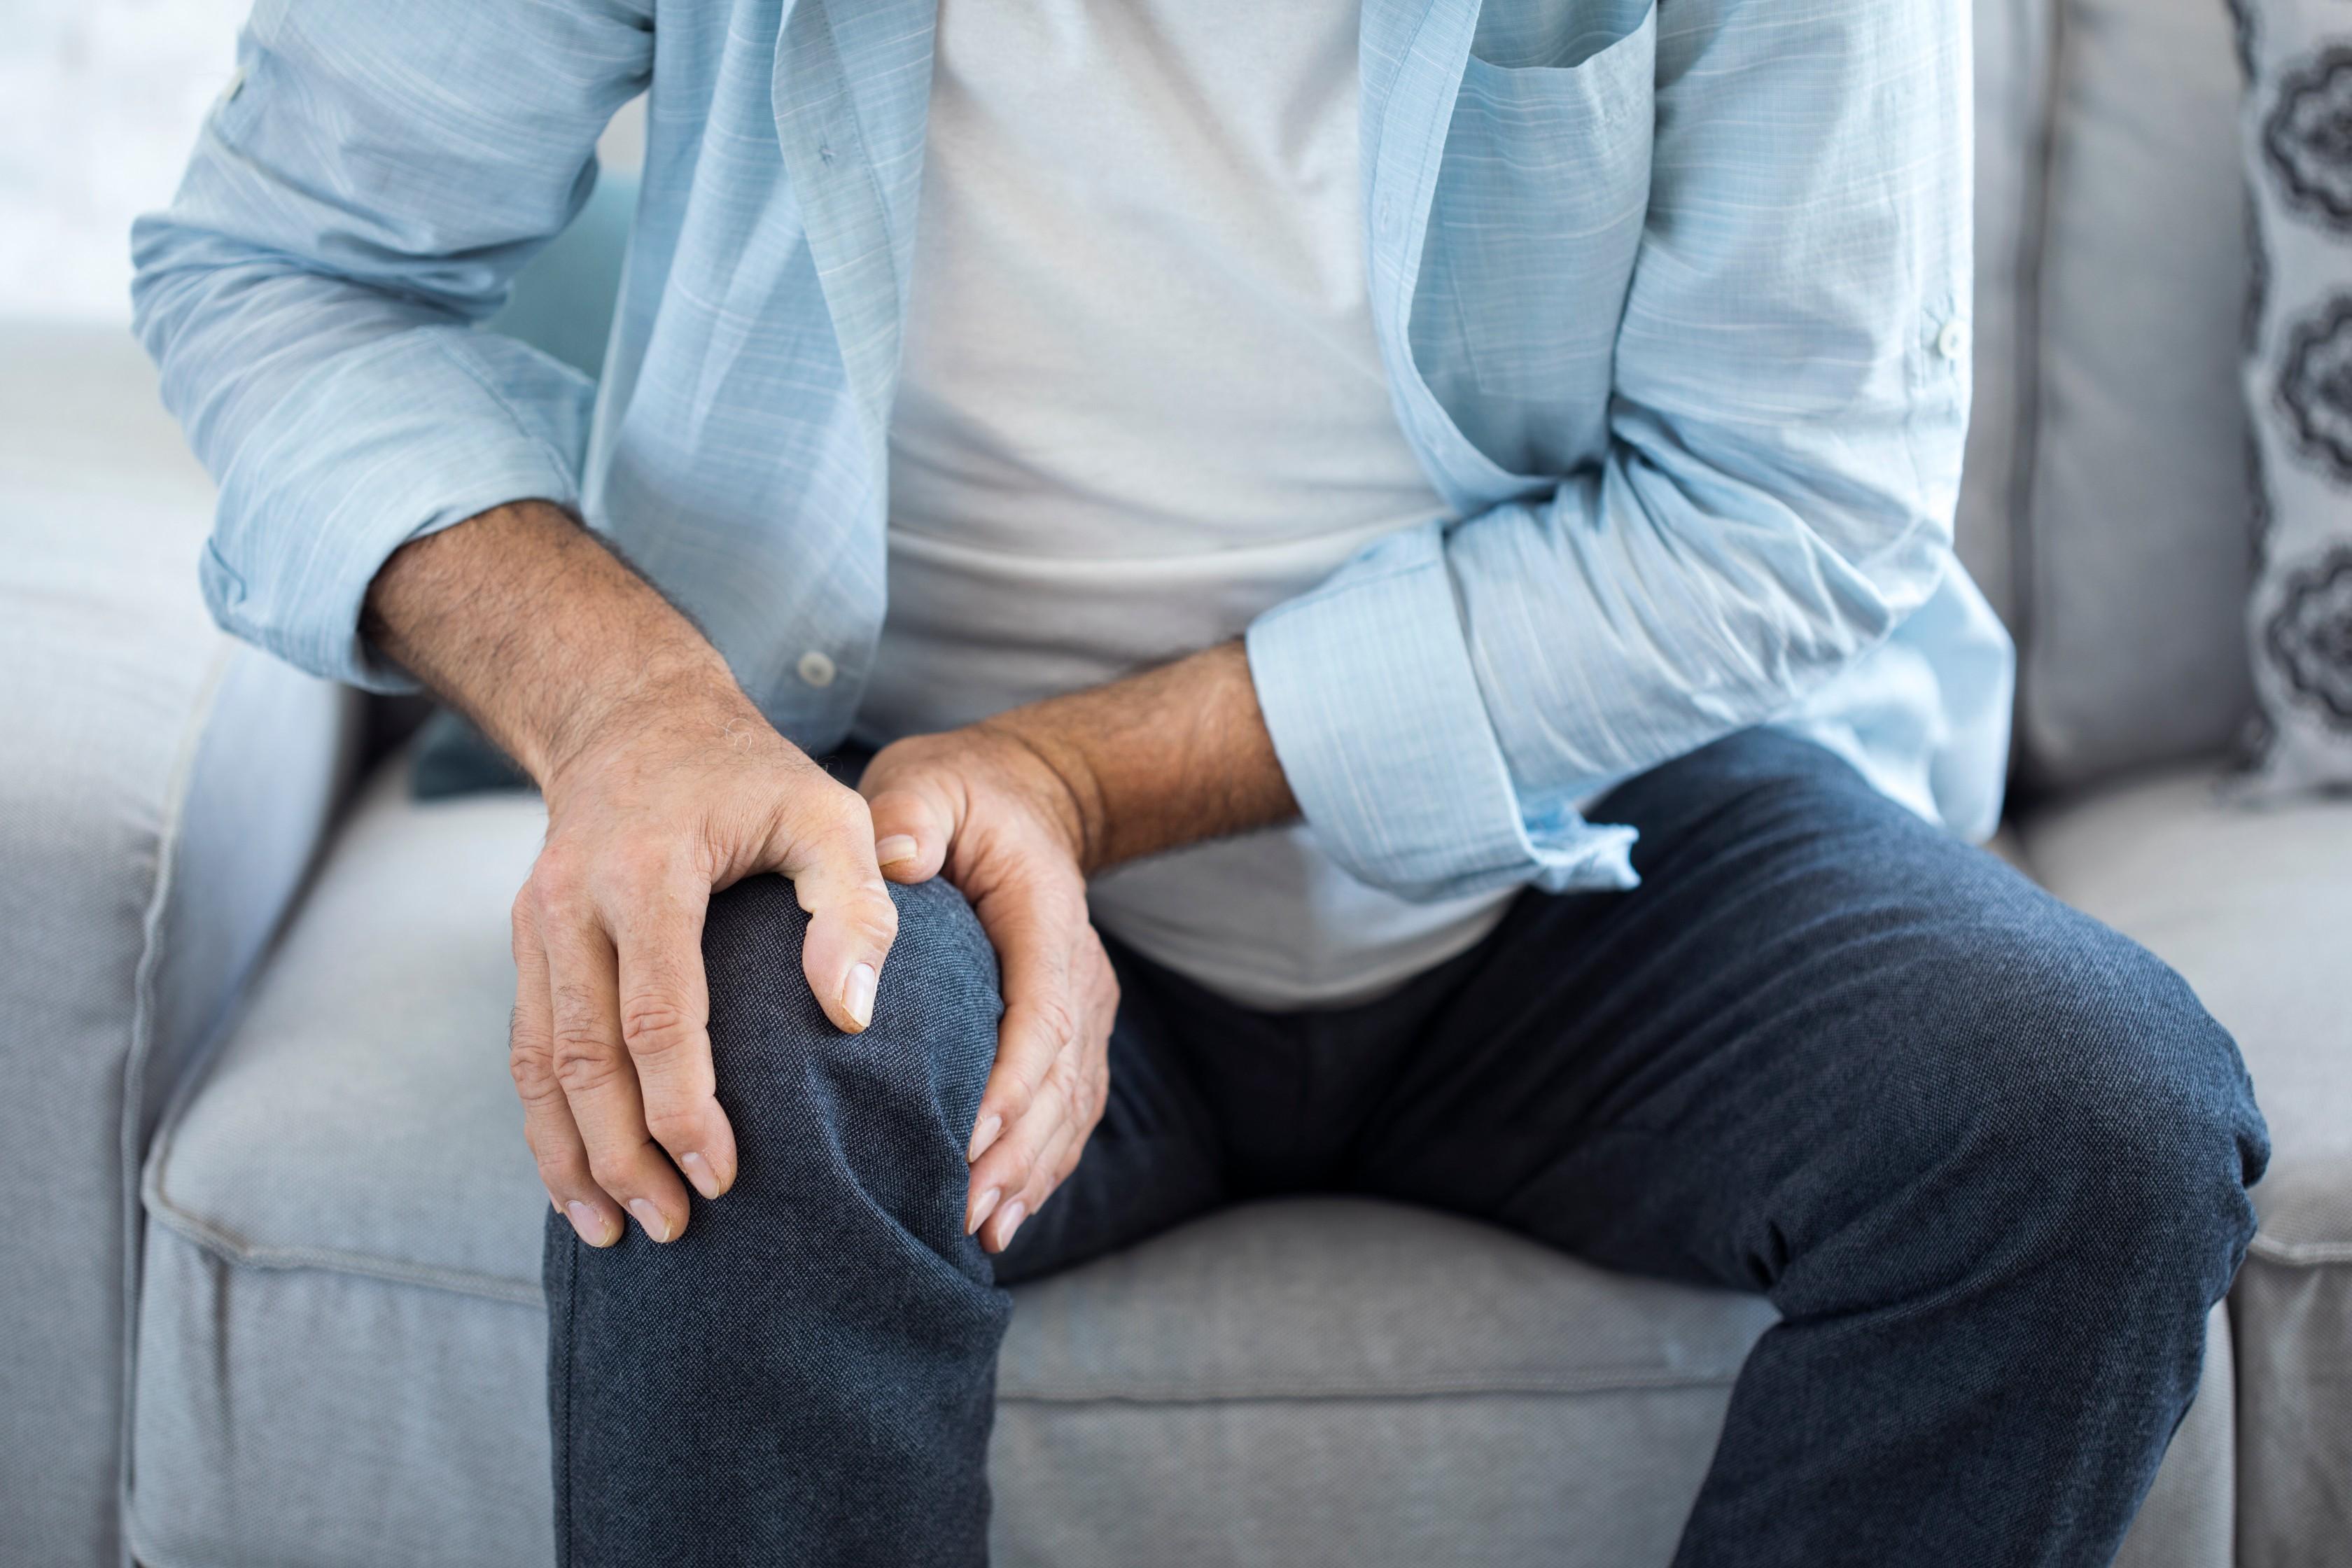 ízületi fájdalomkezelési áttekintés